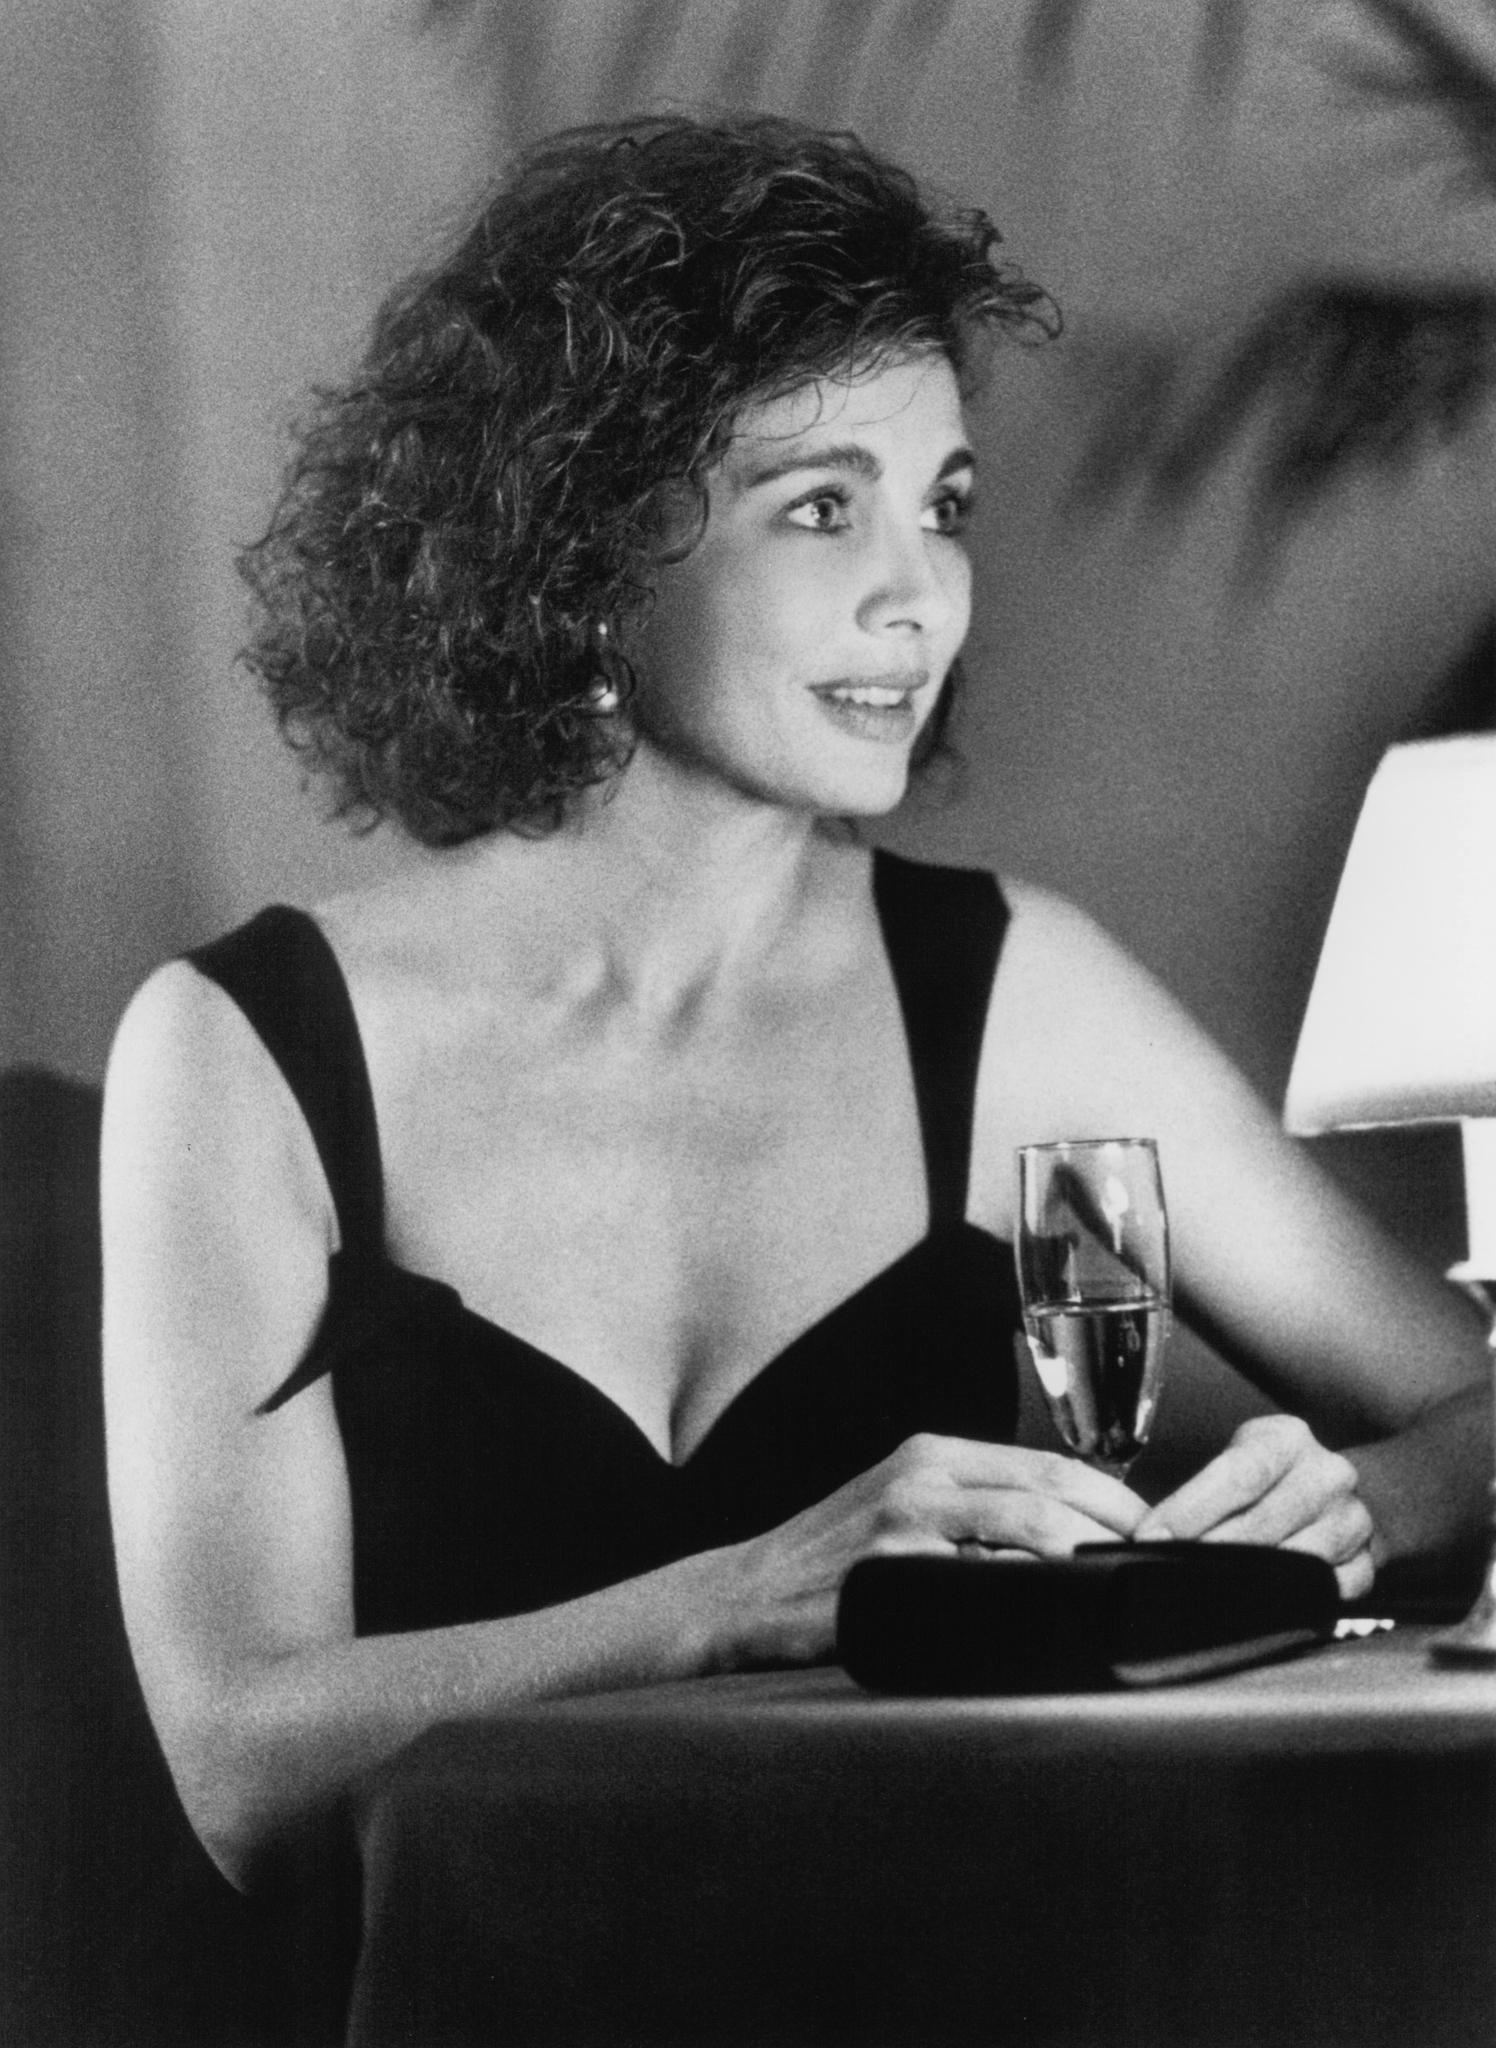 Anne Archer in Narrow Margin (1990)